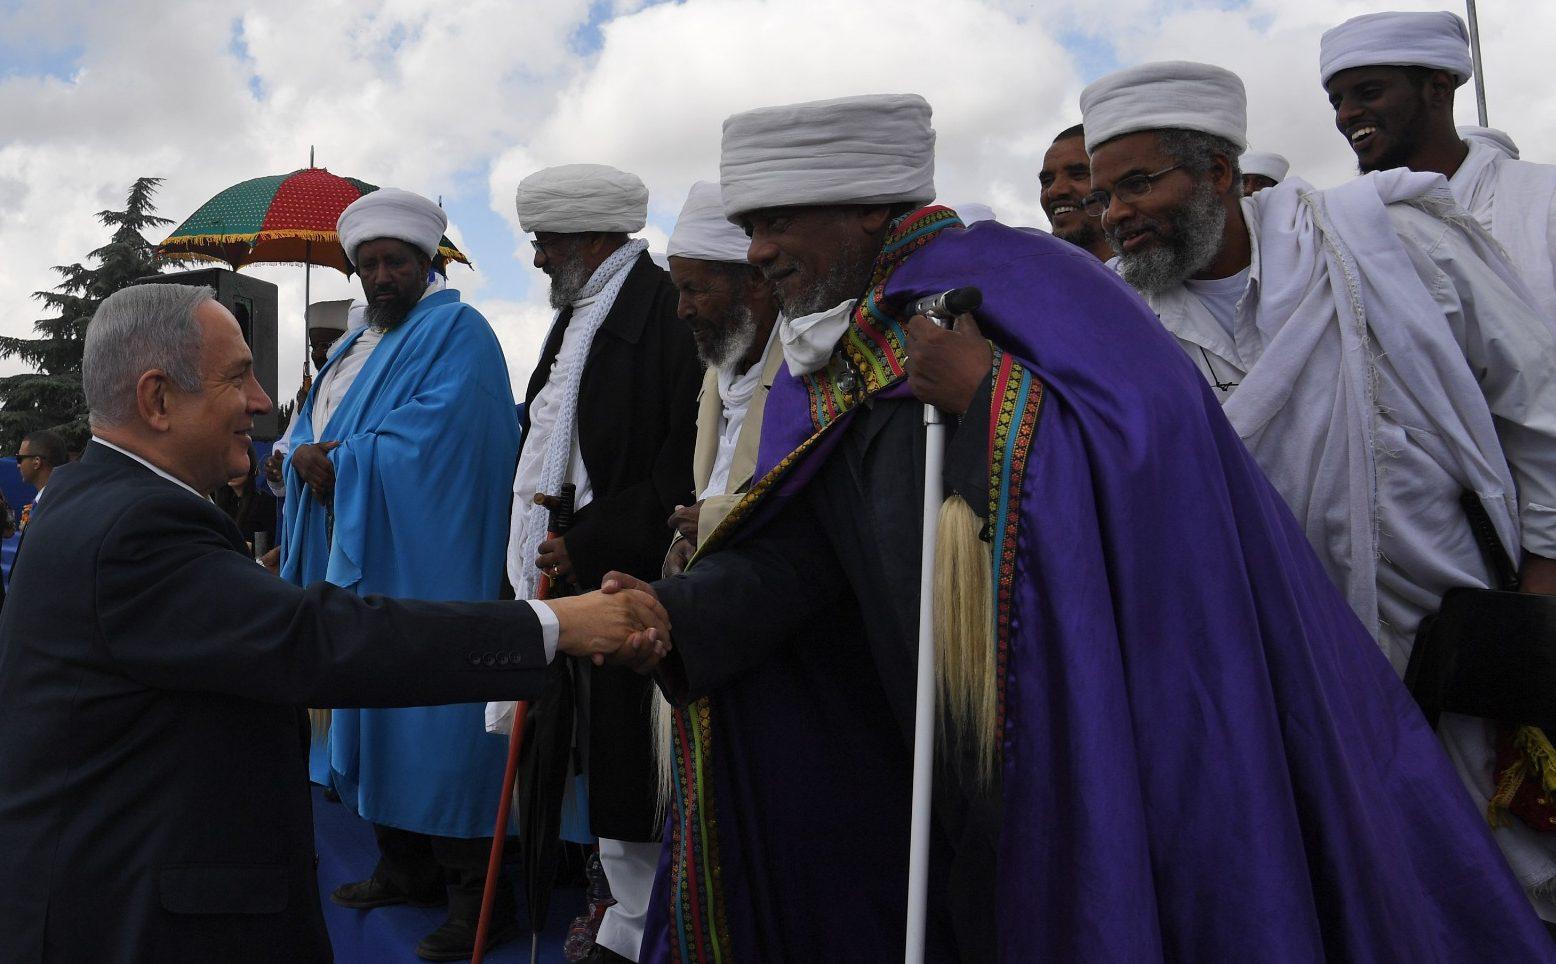 נתניהו בטקס האזכרה ליהודי אתיופיה: ״עם ישראל כולו יכול ללמוד מכם על אהבת ירושלים״